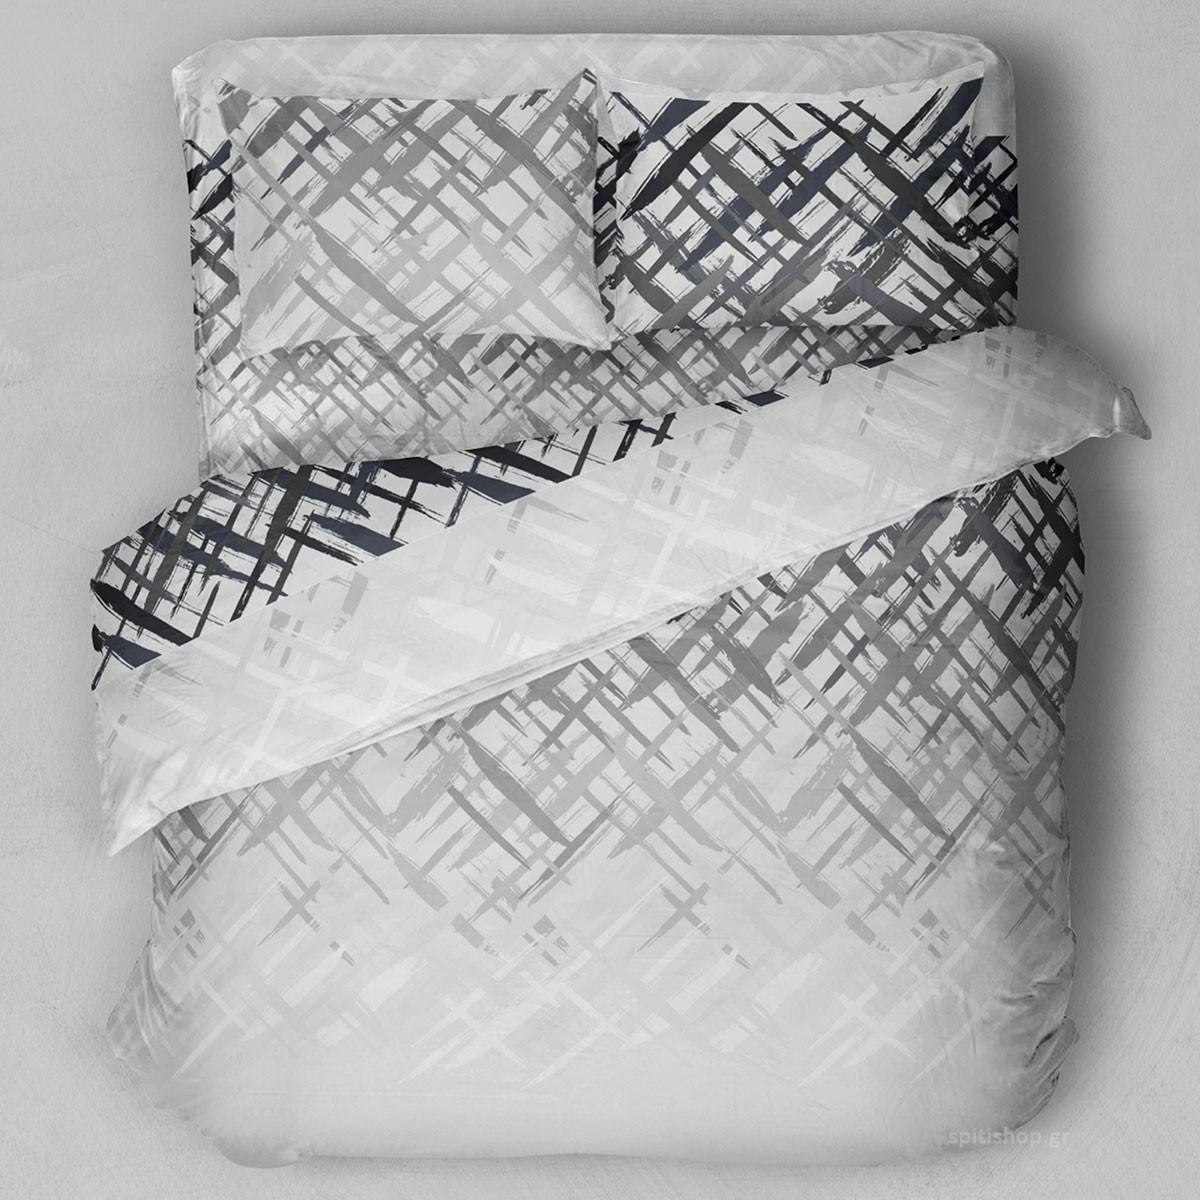 Κουβερλί Ημίδιπλο (Σετ) Viopros Fresh Ντέστινι home   κρεβατοκάμαρα   κουβερλί   κουβερλί ημίδιπλα   διπλά